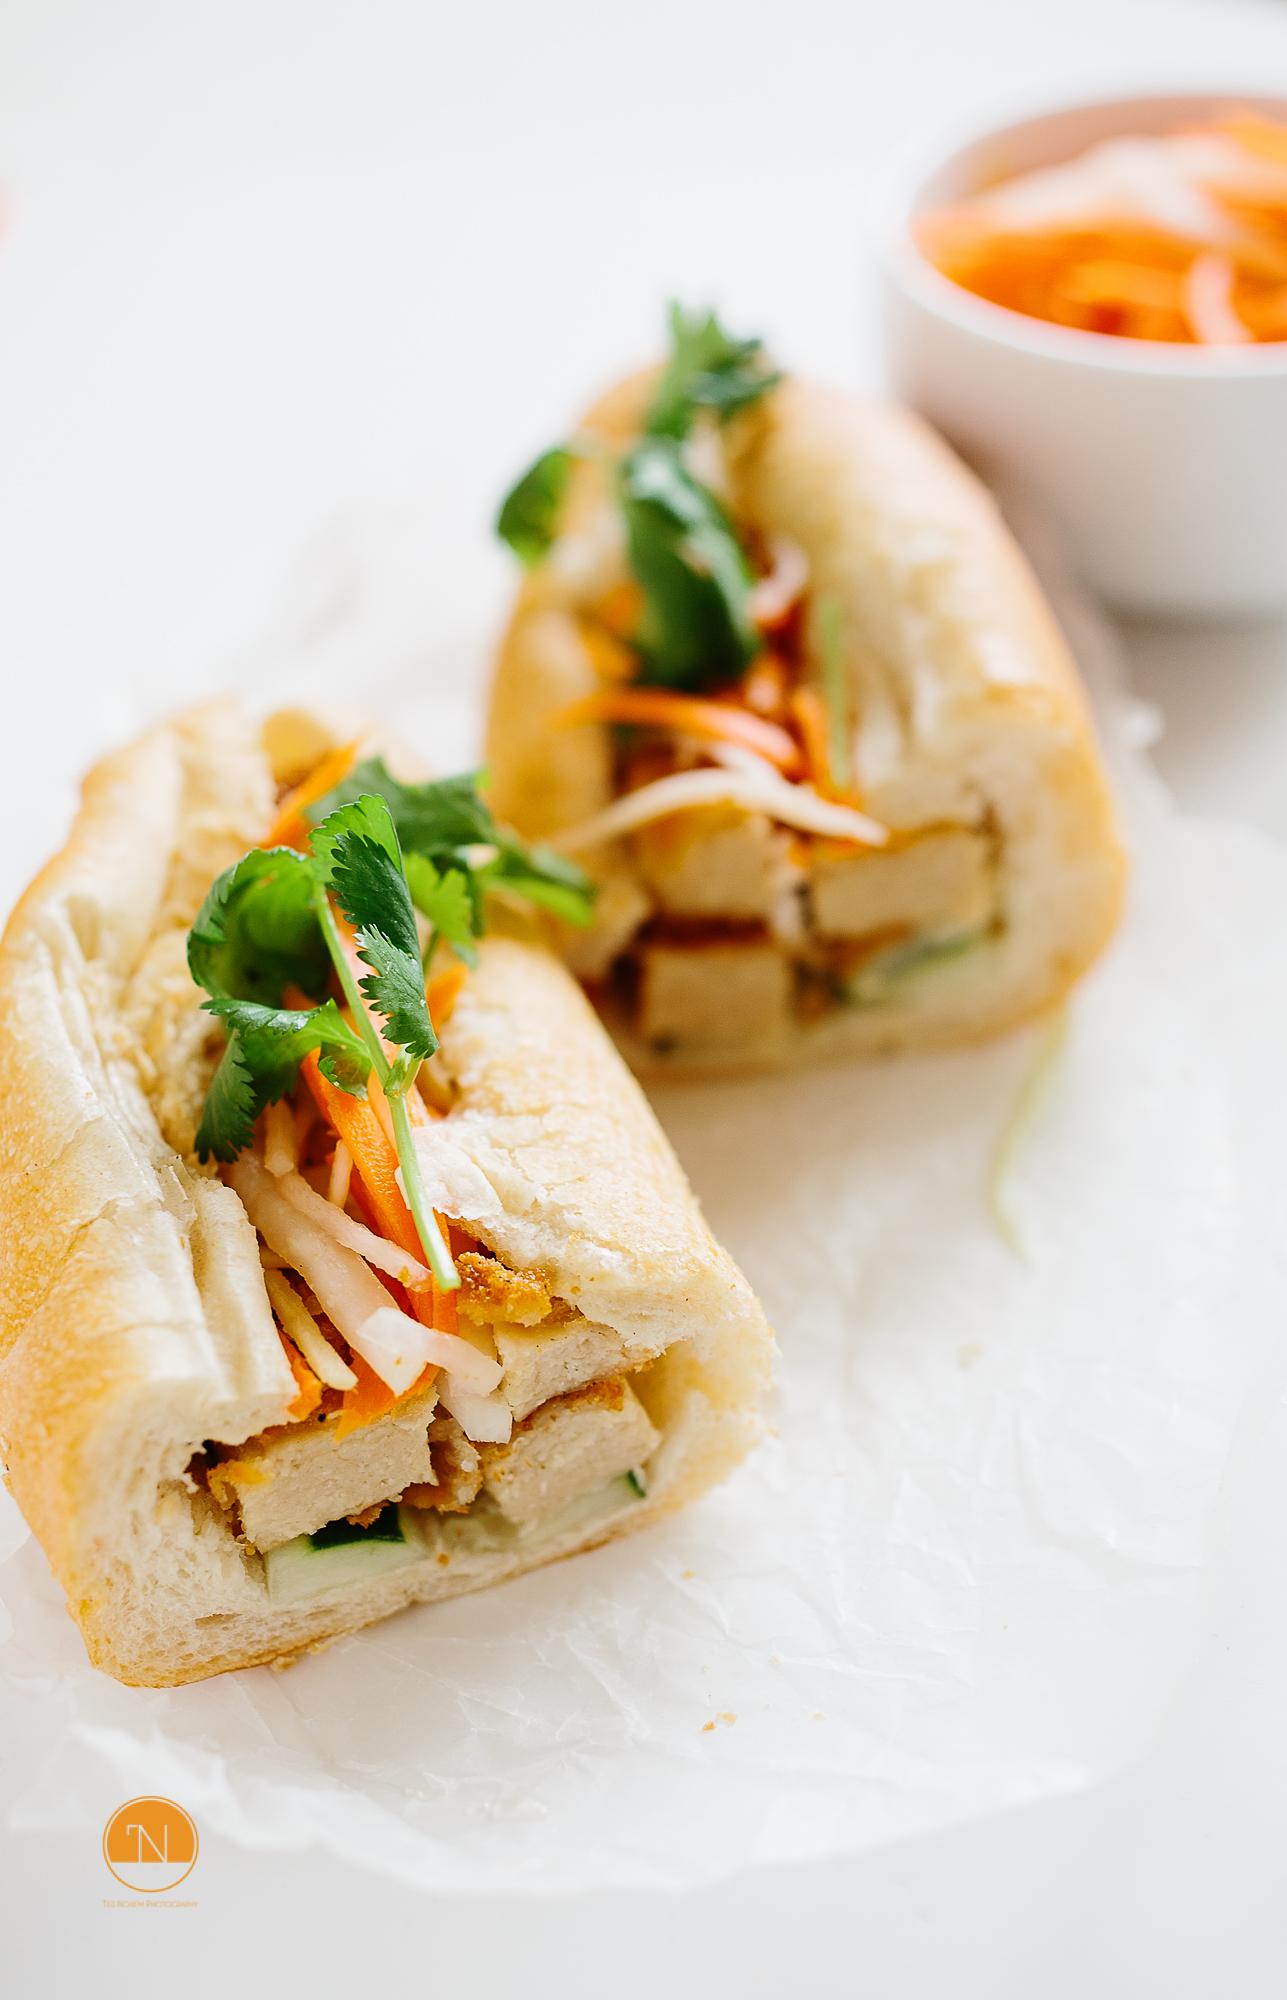 Vegetarian Vietnamese banh mi